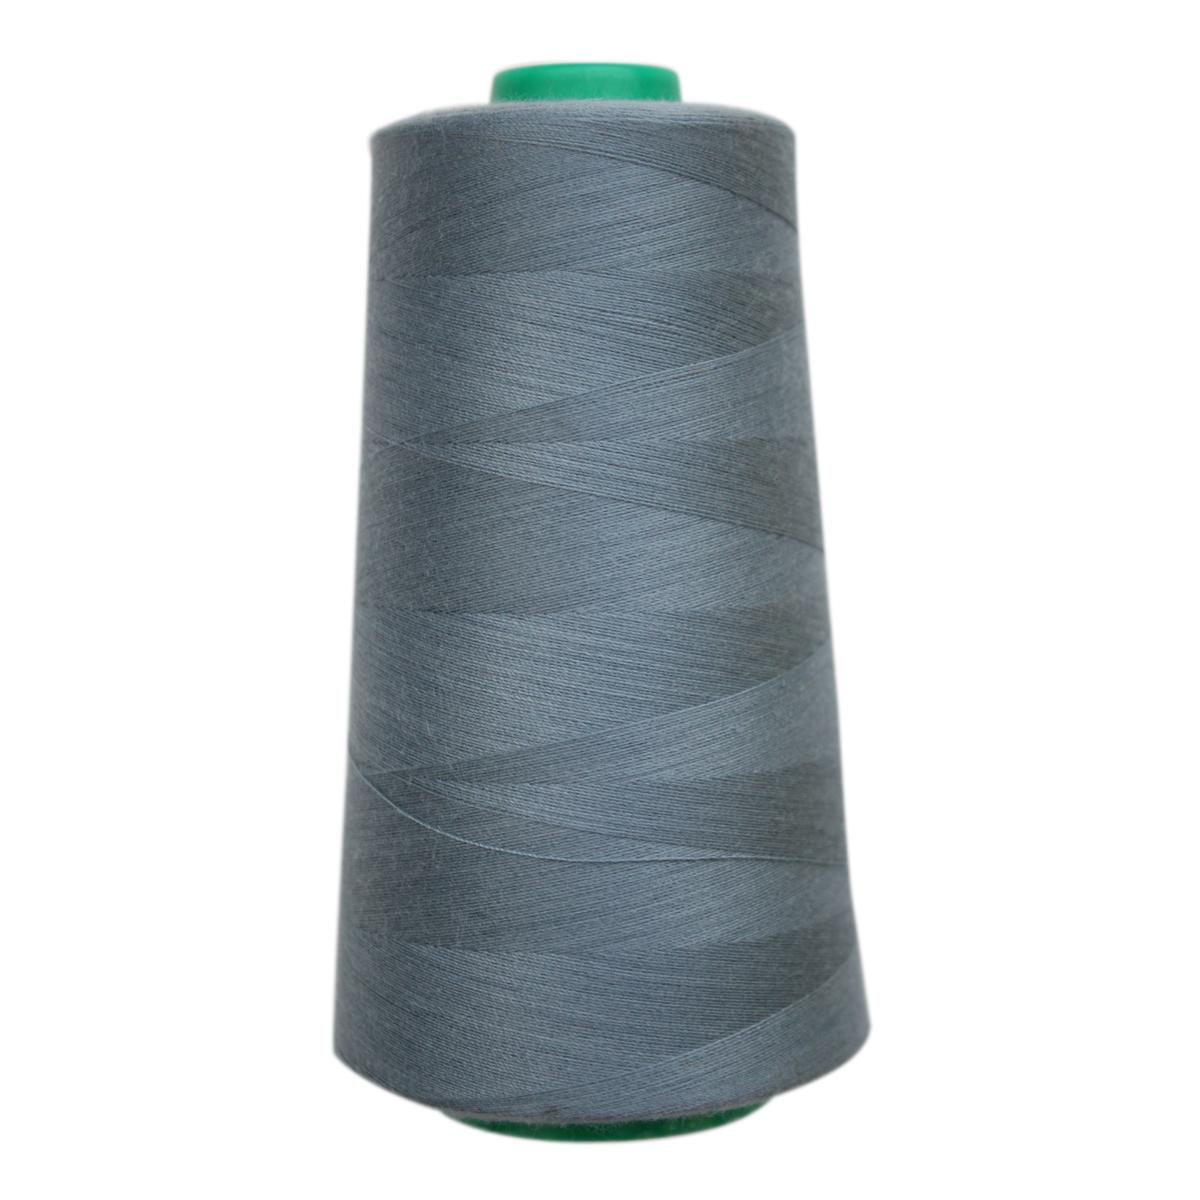 Нитки для шитья Bestex 50/2, 5000 ярд, цвет: т.серо-голубой (106)7700936-106Сфера использования: трикотаж; ткани малого веса; оверлочные швы; отделка краев; вышивка. Размер игл №70-80